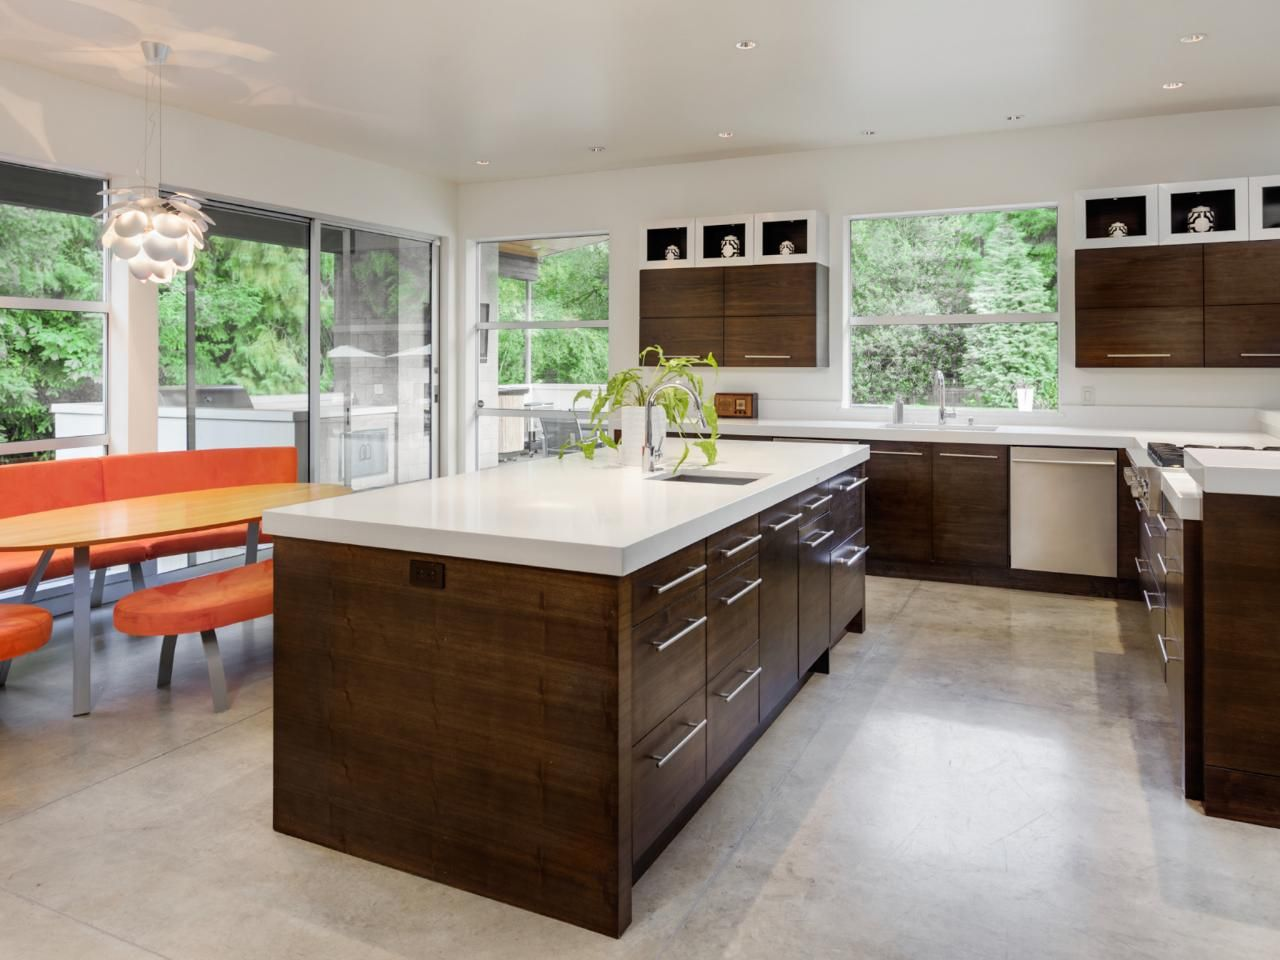 Best Kitchen Flooring Options Kitchen Flooring Kitchen Flooring Options Best Flooring For Kitchen